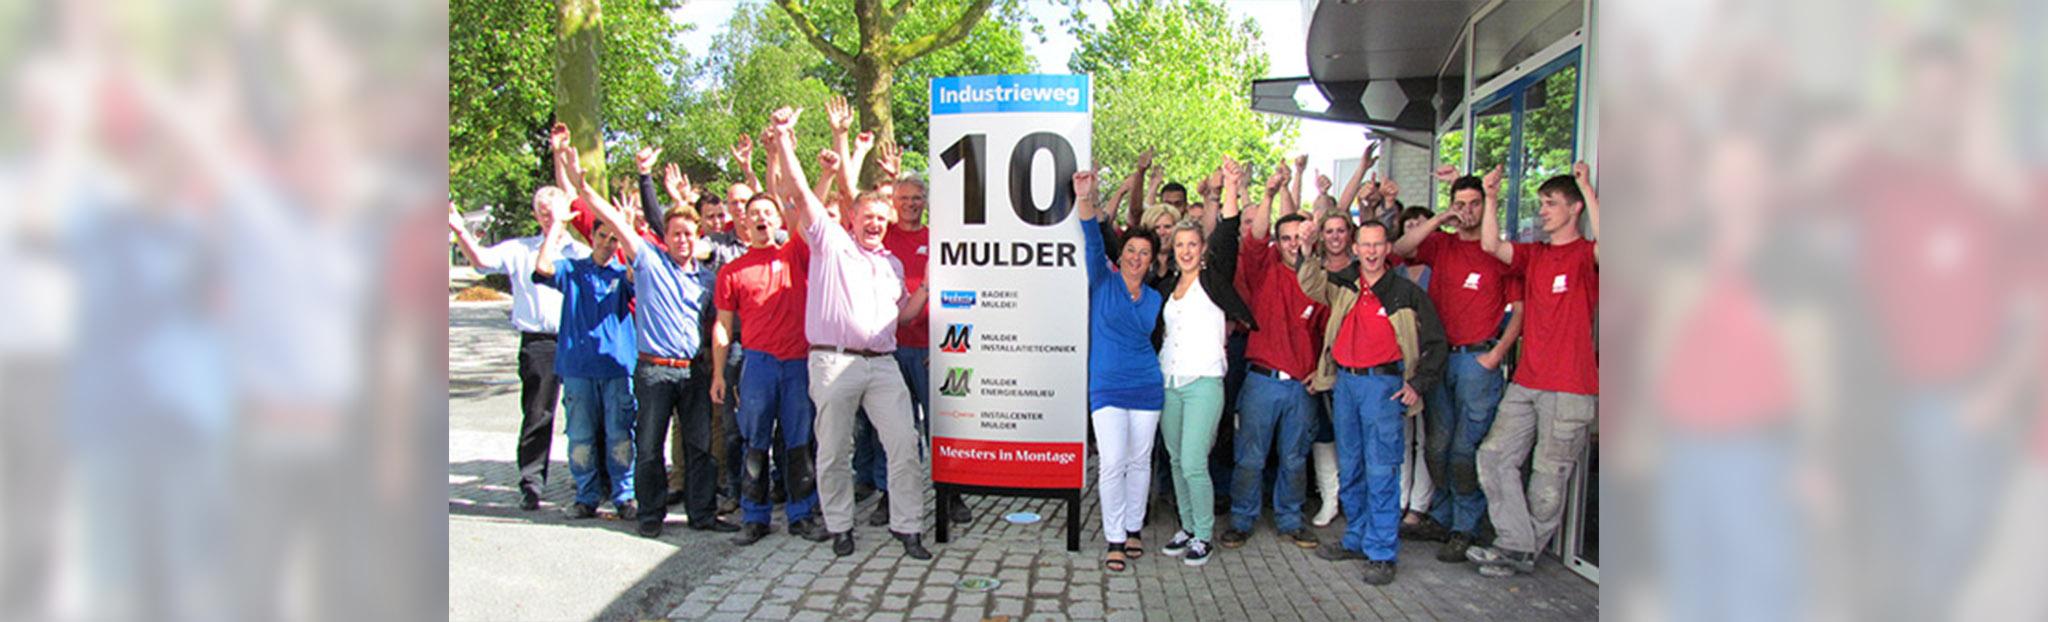 mulder-zuil